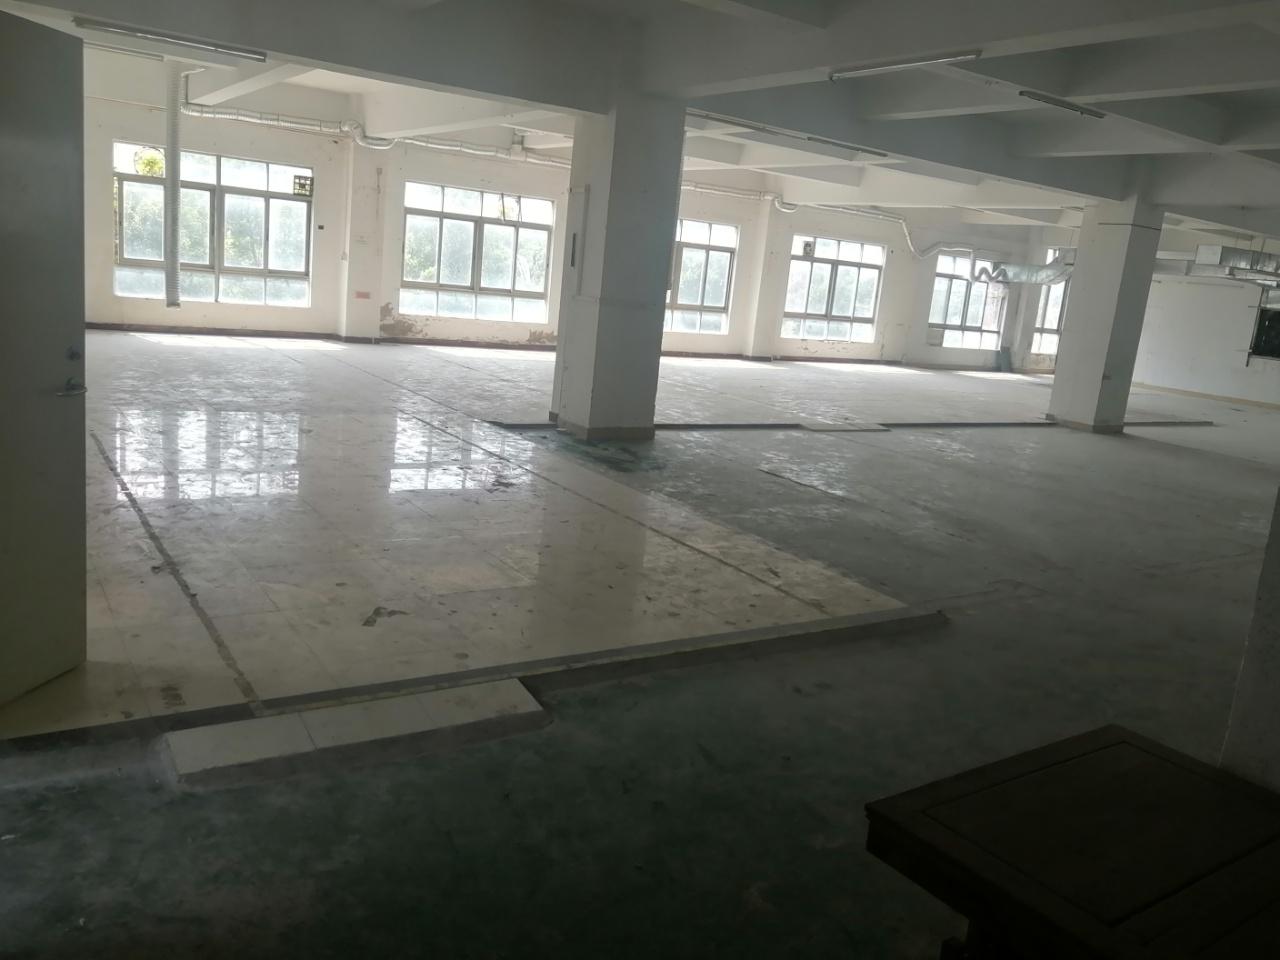 西乡固戍一楼1200平适合电商仓库物流汽修厂房出租